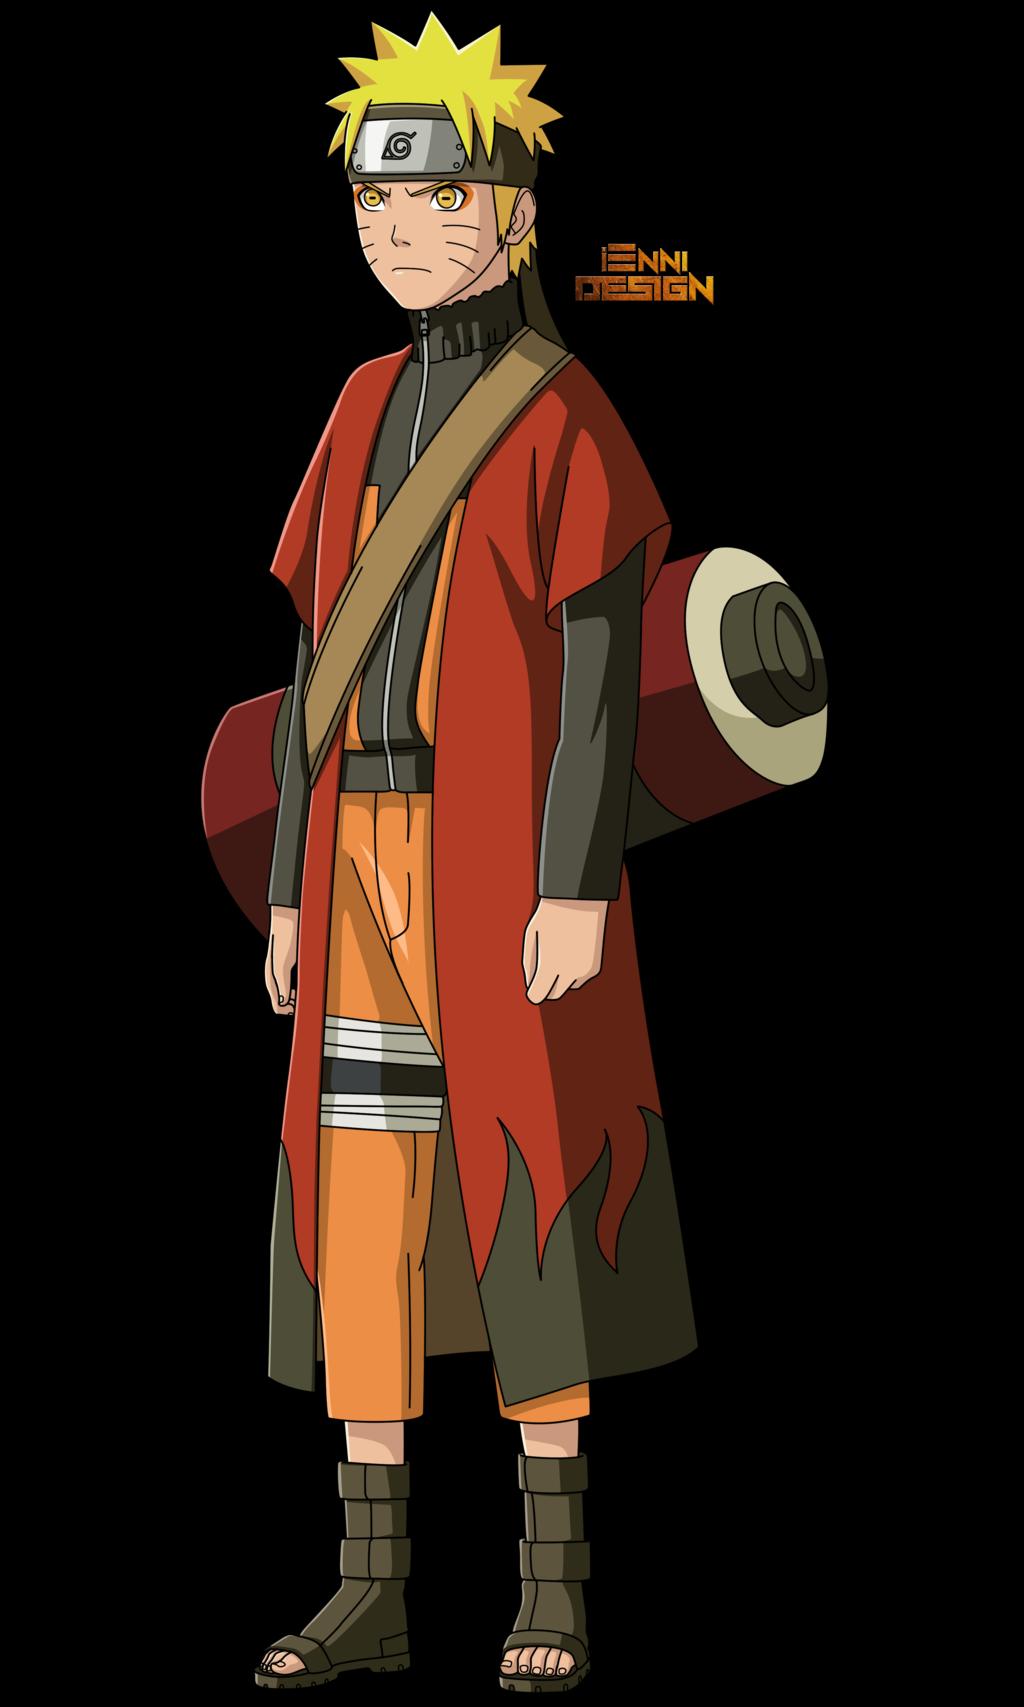 Naruto Shippuden|Naruto Uzumaki (Sage Mode) by iEnniDesign ...  Naruto Shippude...